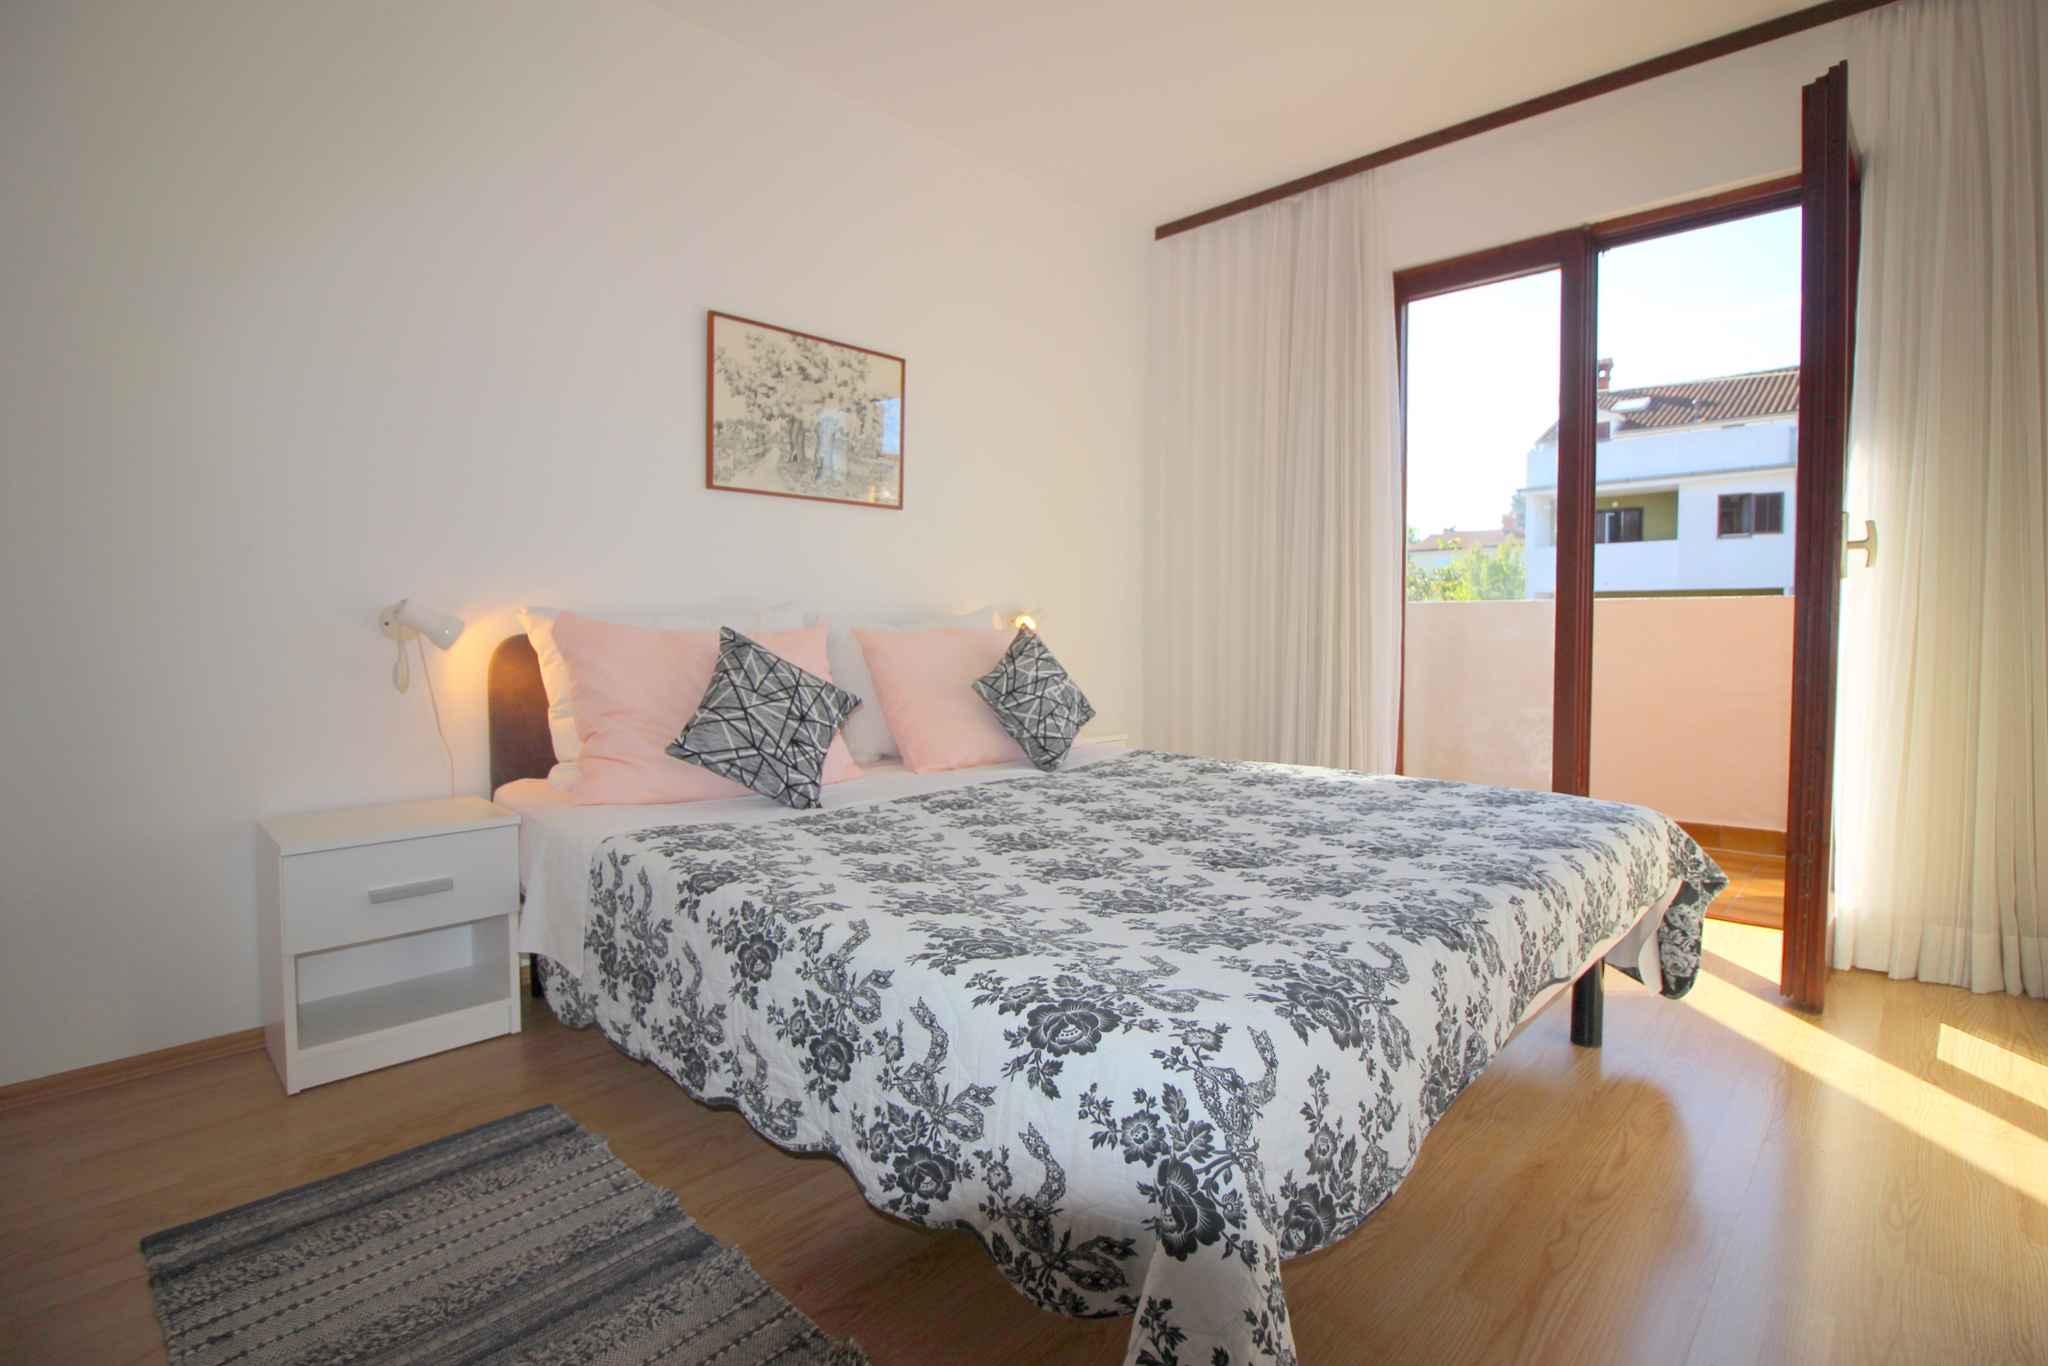 Ferienwohnung in der Nähe der Altstadt (280262), Porec, , Istrien, Kroatien, Bild 10